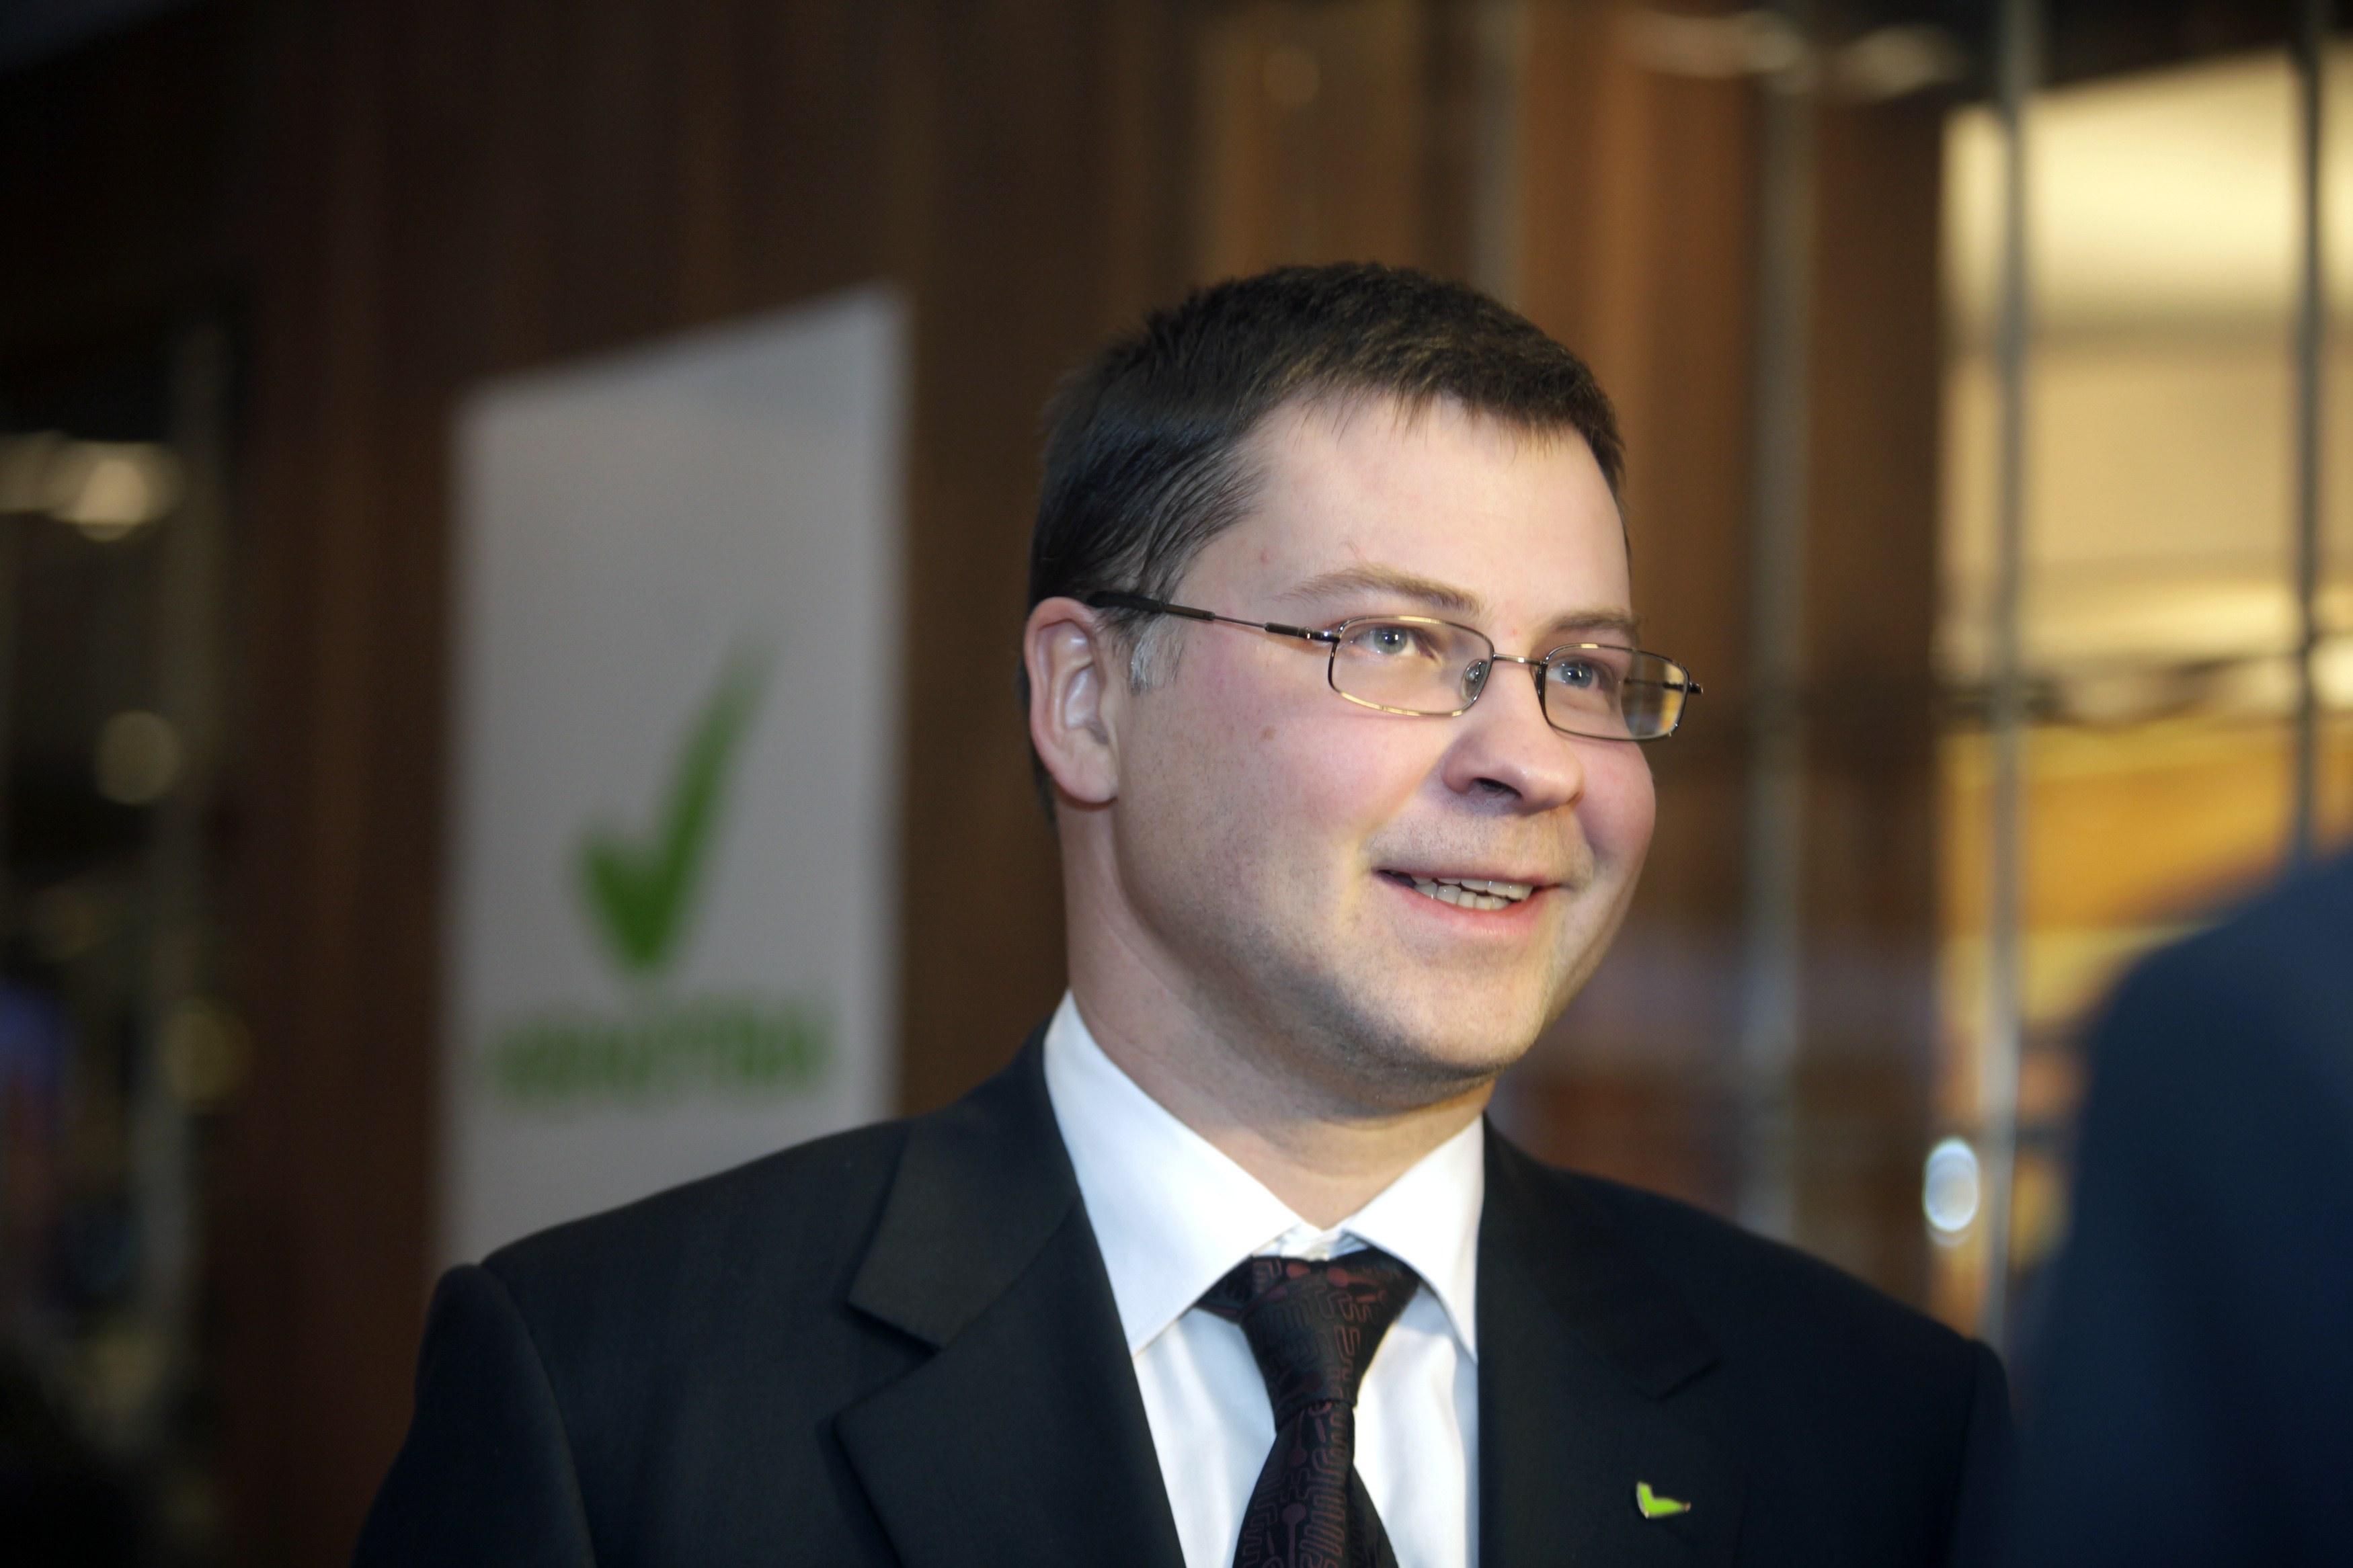 Ντομπρόβσκις:Την επόμενη εβδομάδα θα εγκριθεί η δόση των 2 δισ. ευρώ   tovima.gr